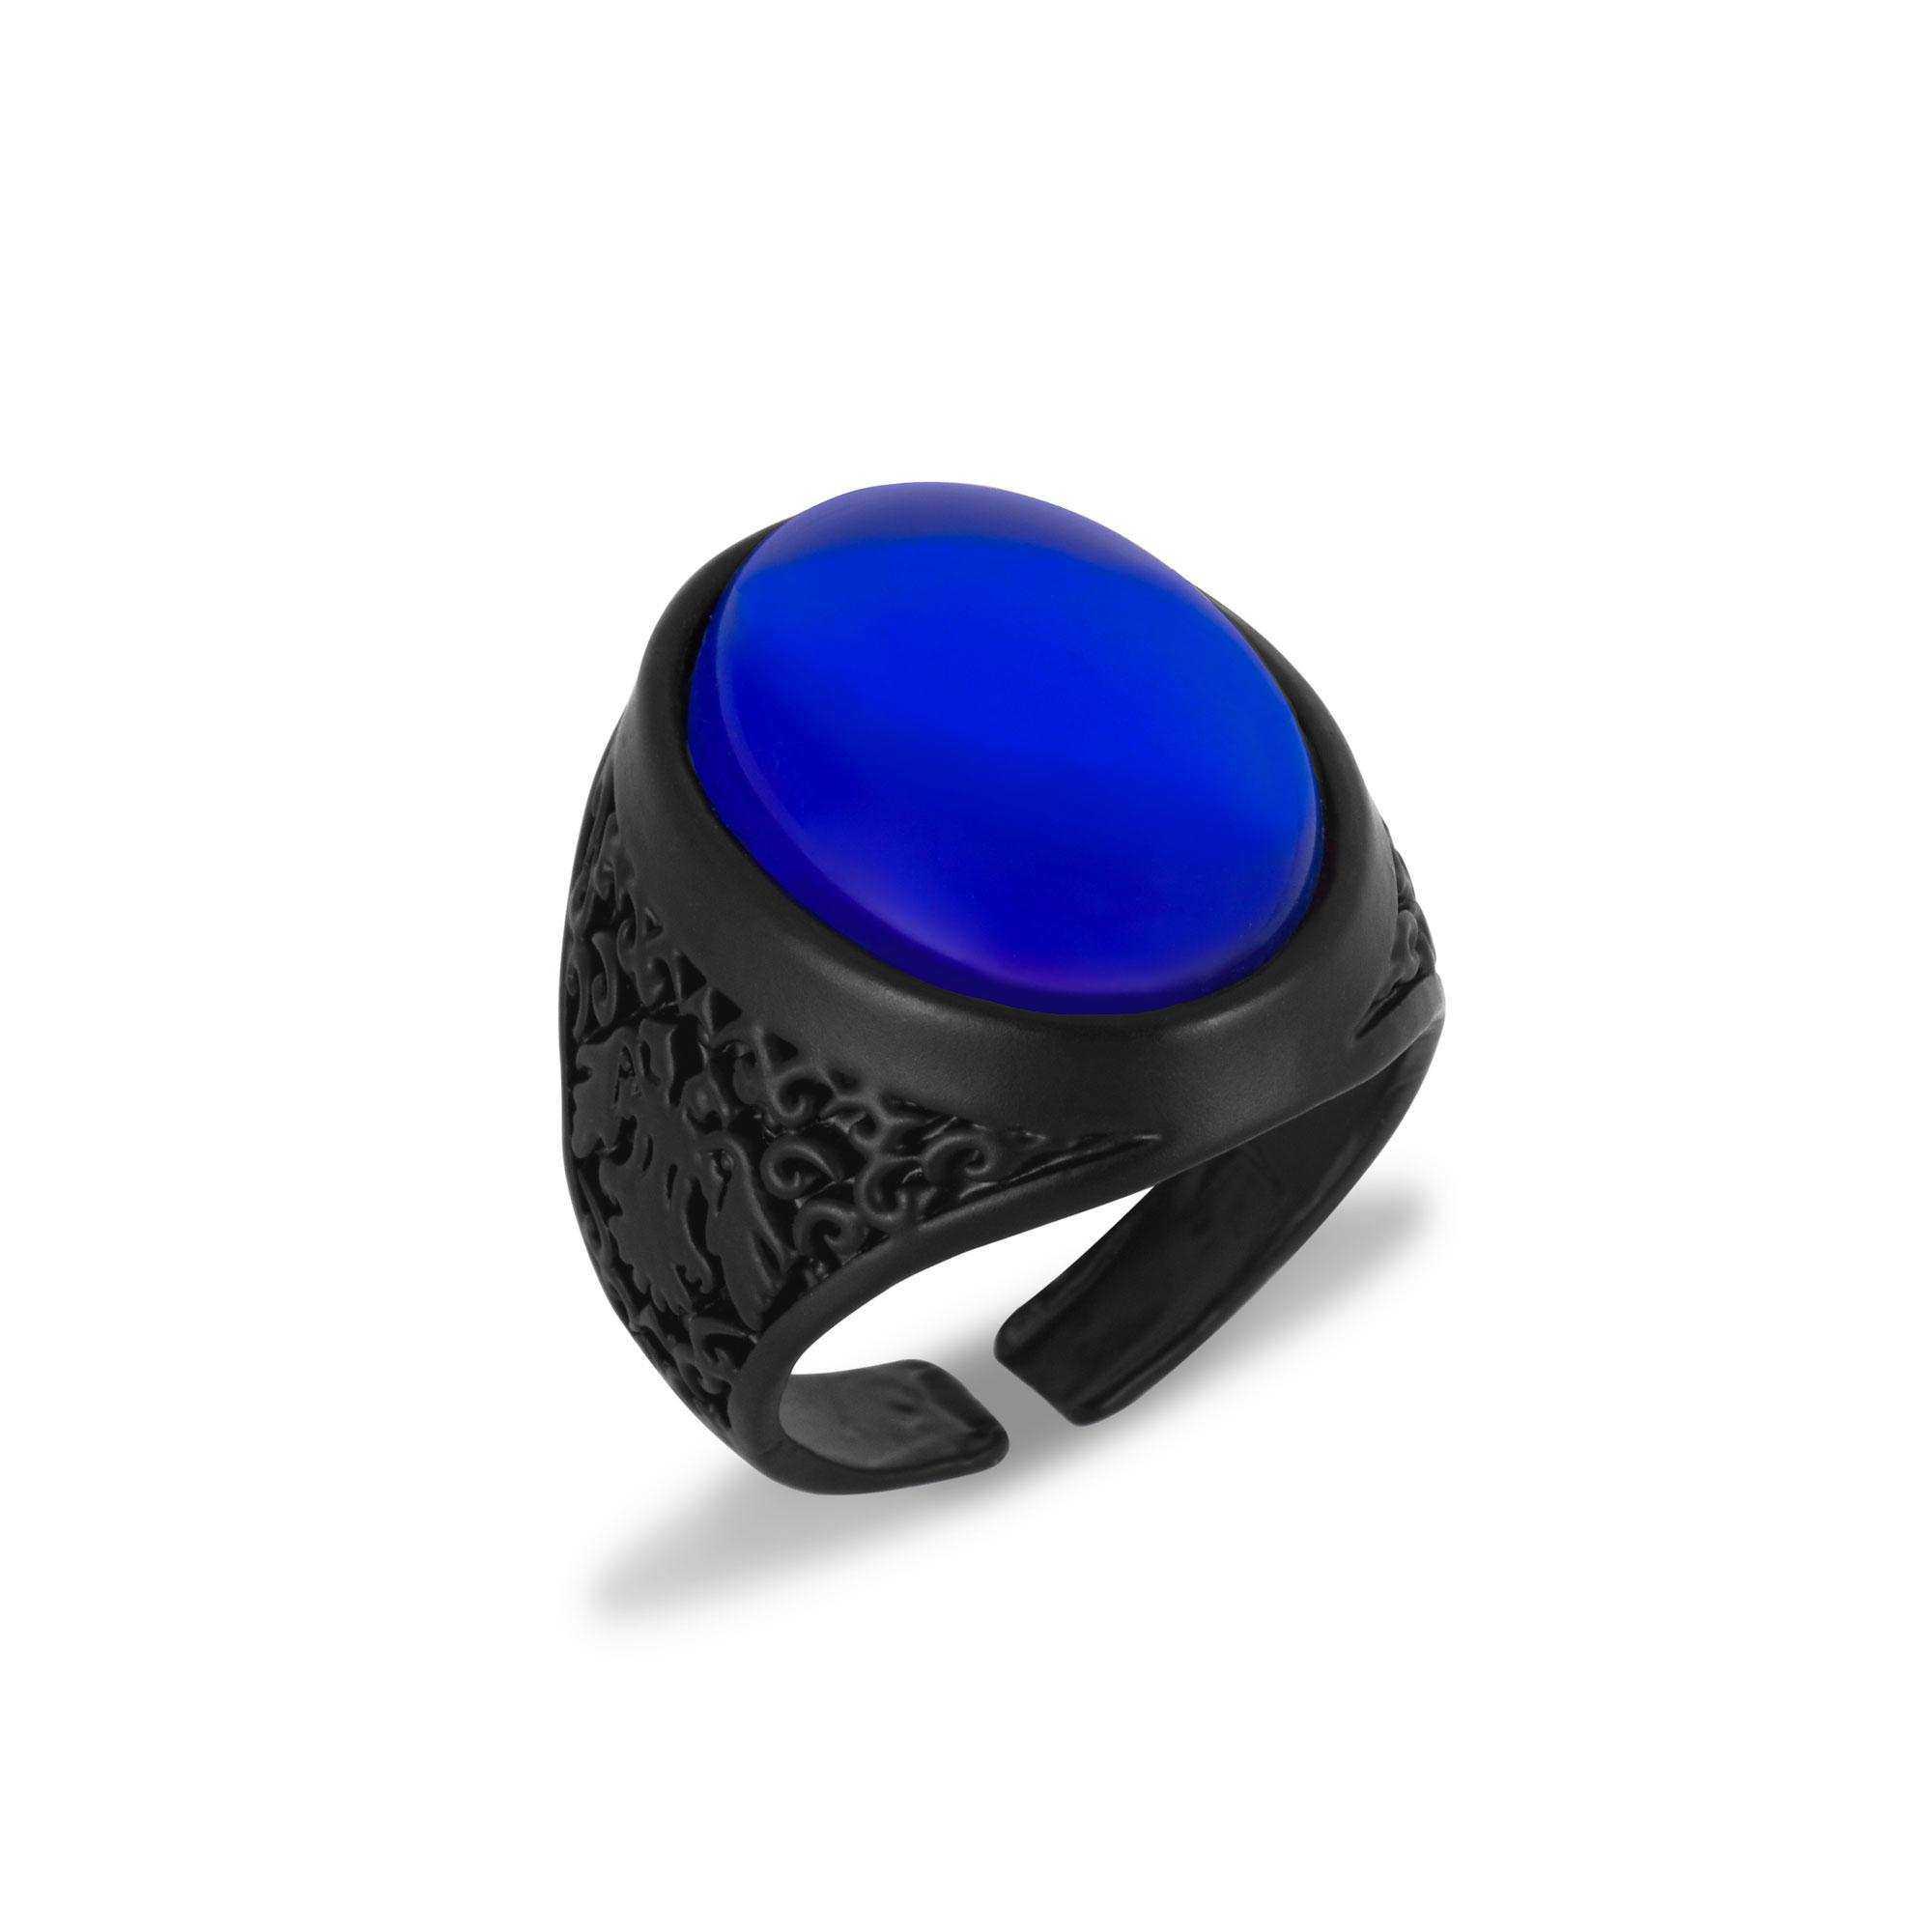 Mat Siyah Mavi Taşlı Erkek Yüzük - YÜZ0133